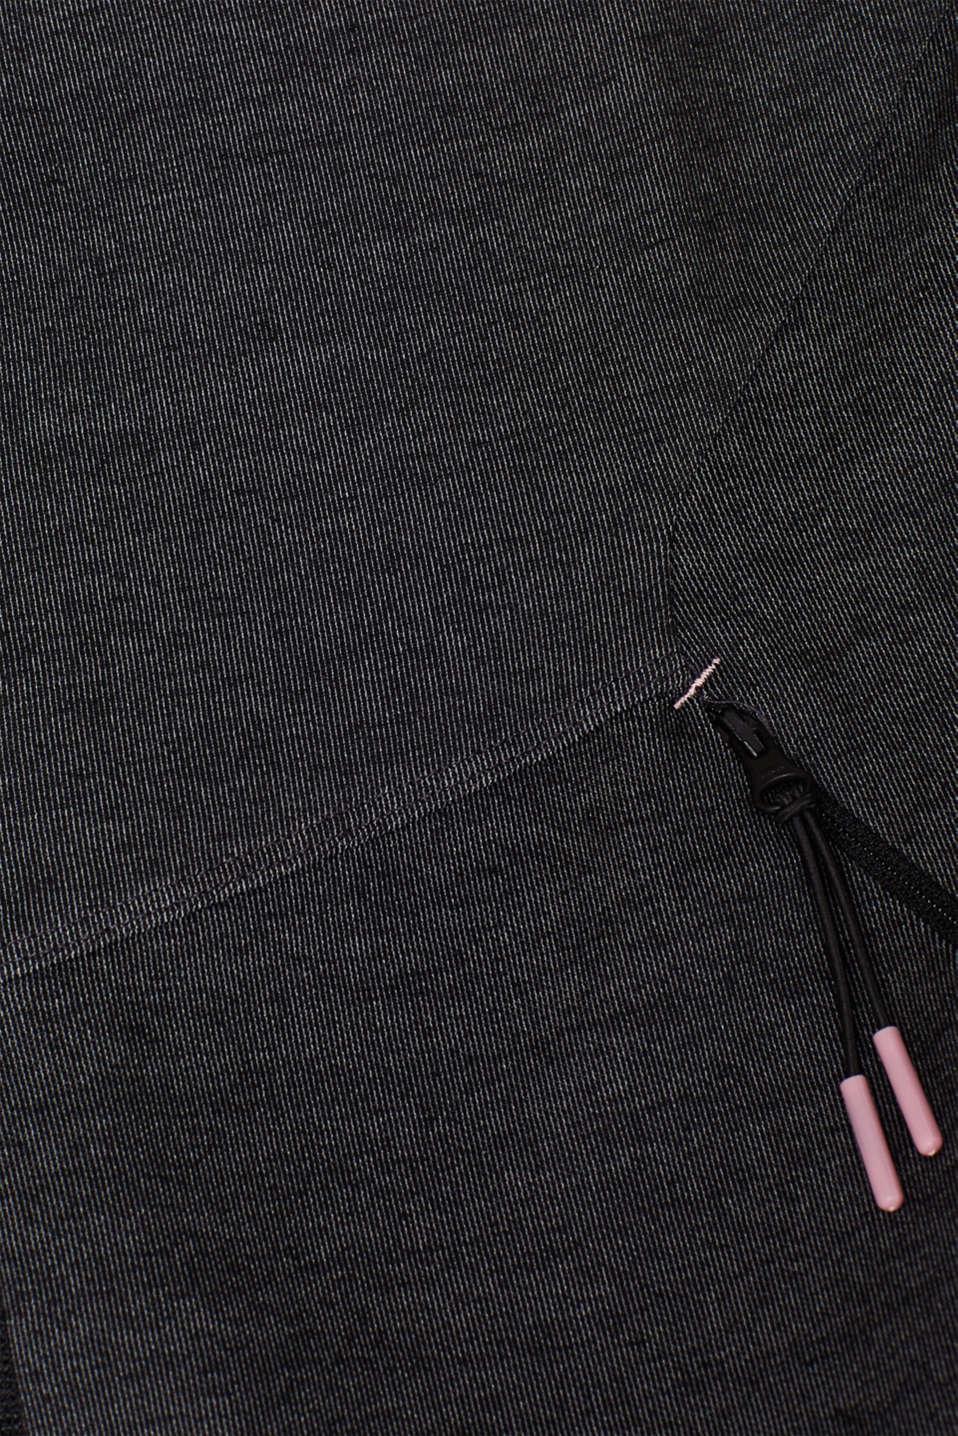 Sweatshirts cardigan, ANTHRACITE, detail image number 4